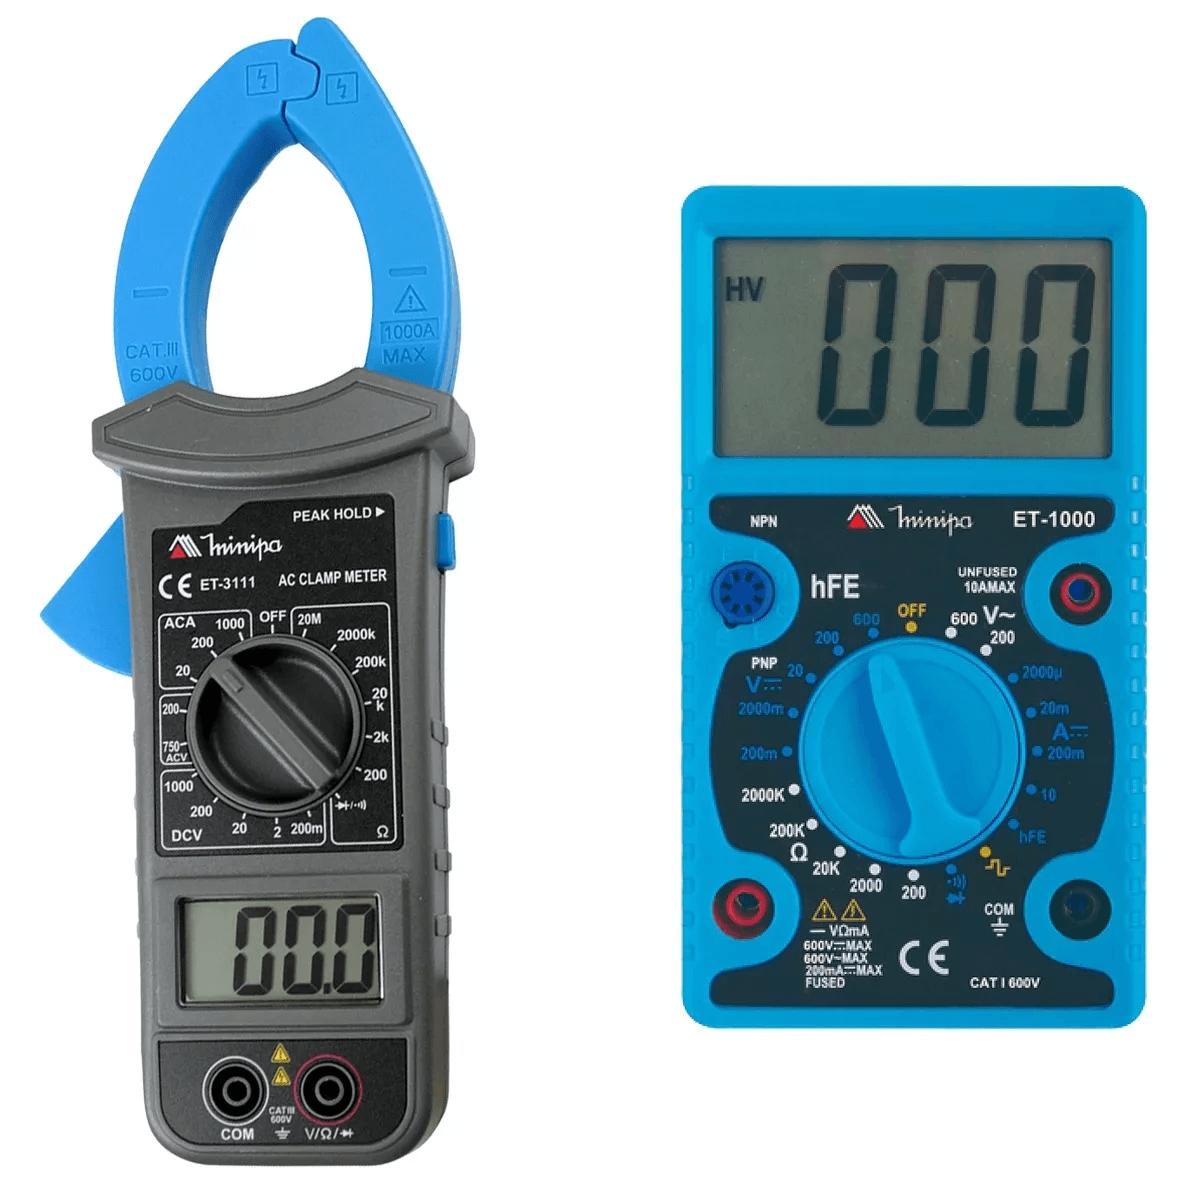 Kit Minipa Alicate Amperímetro Et-3111 + Multímetro Et-1000